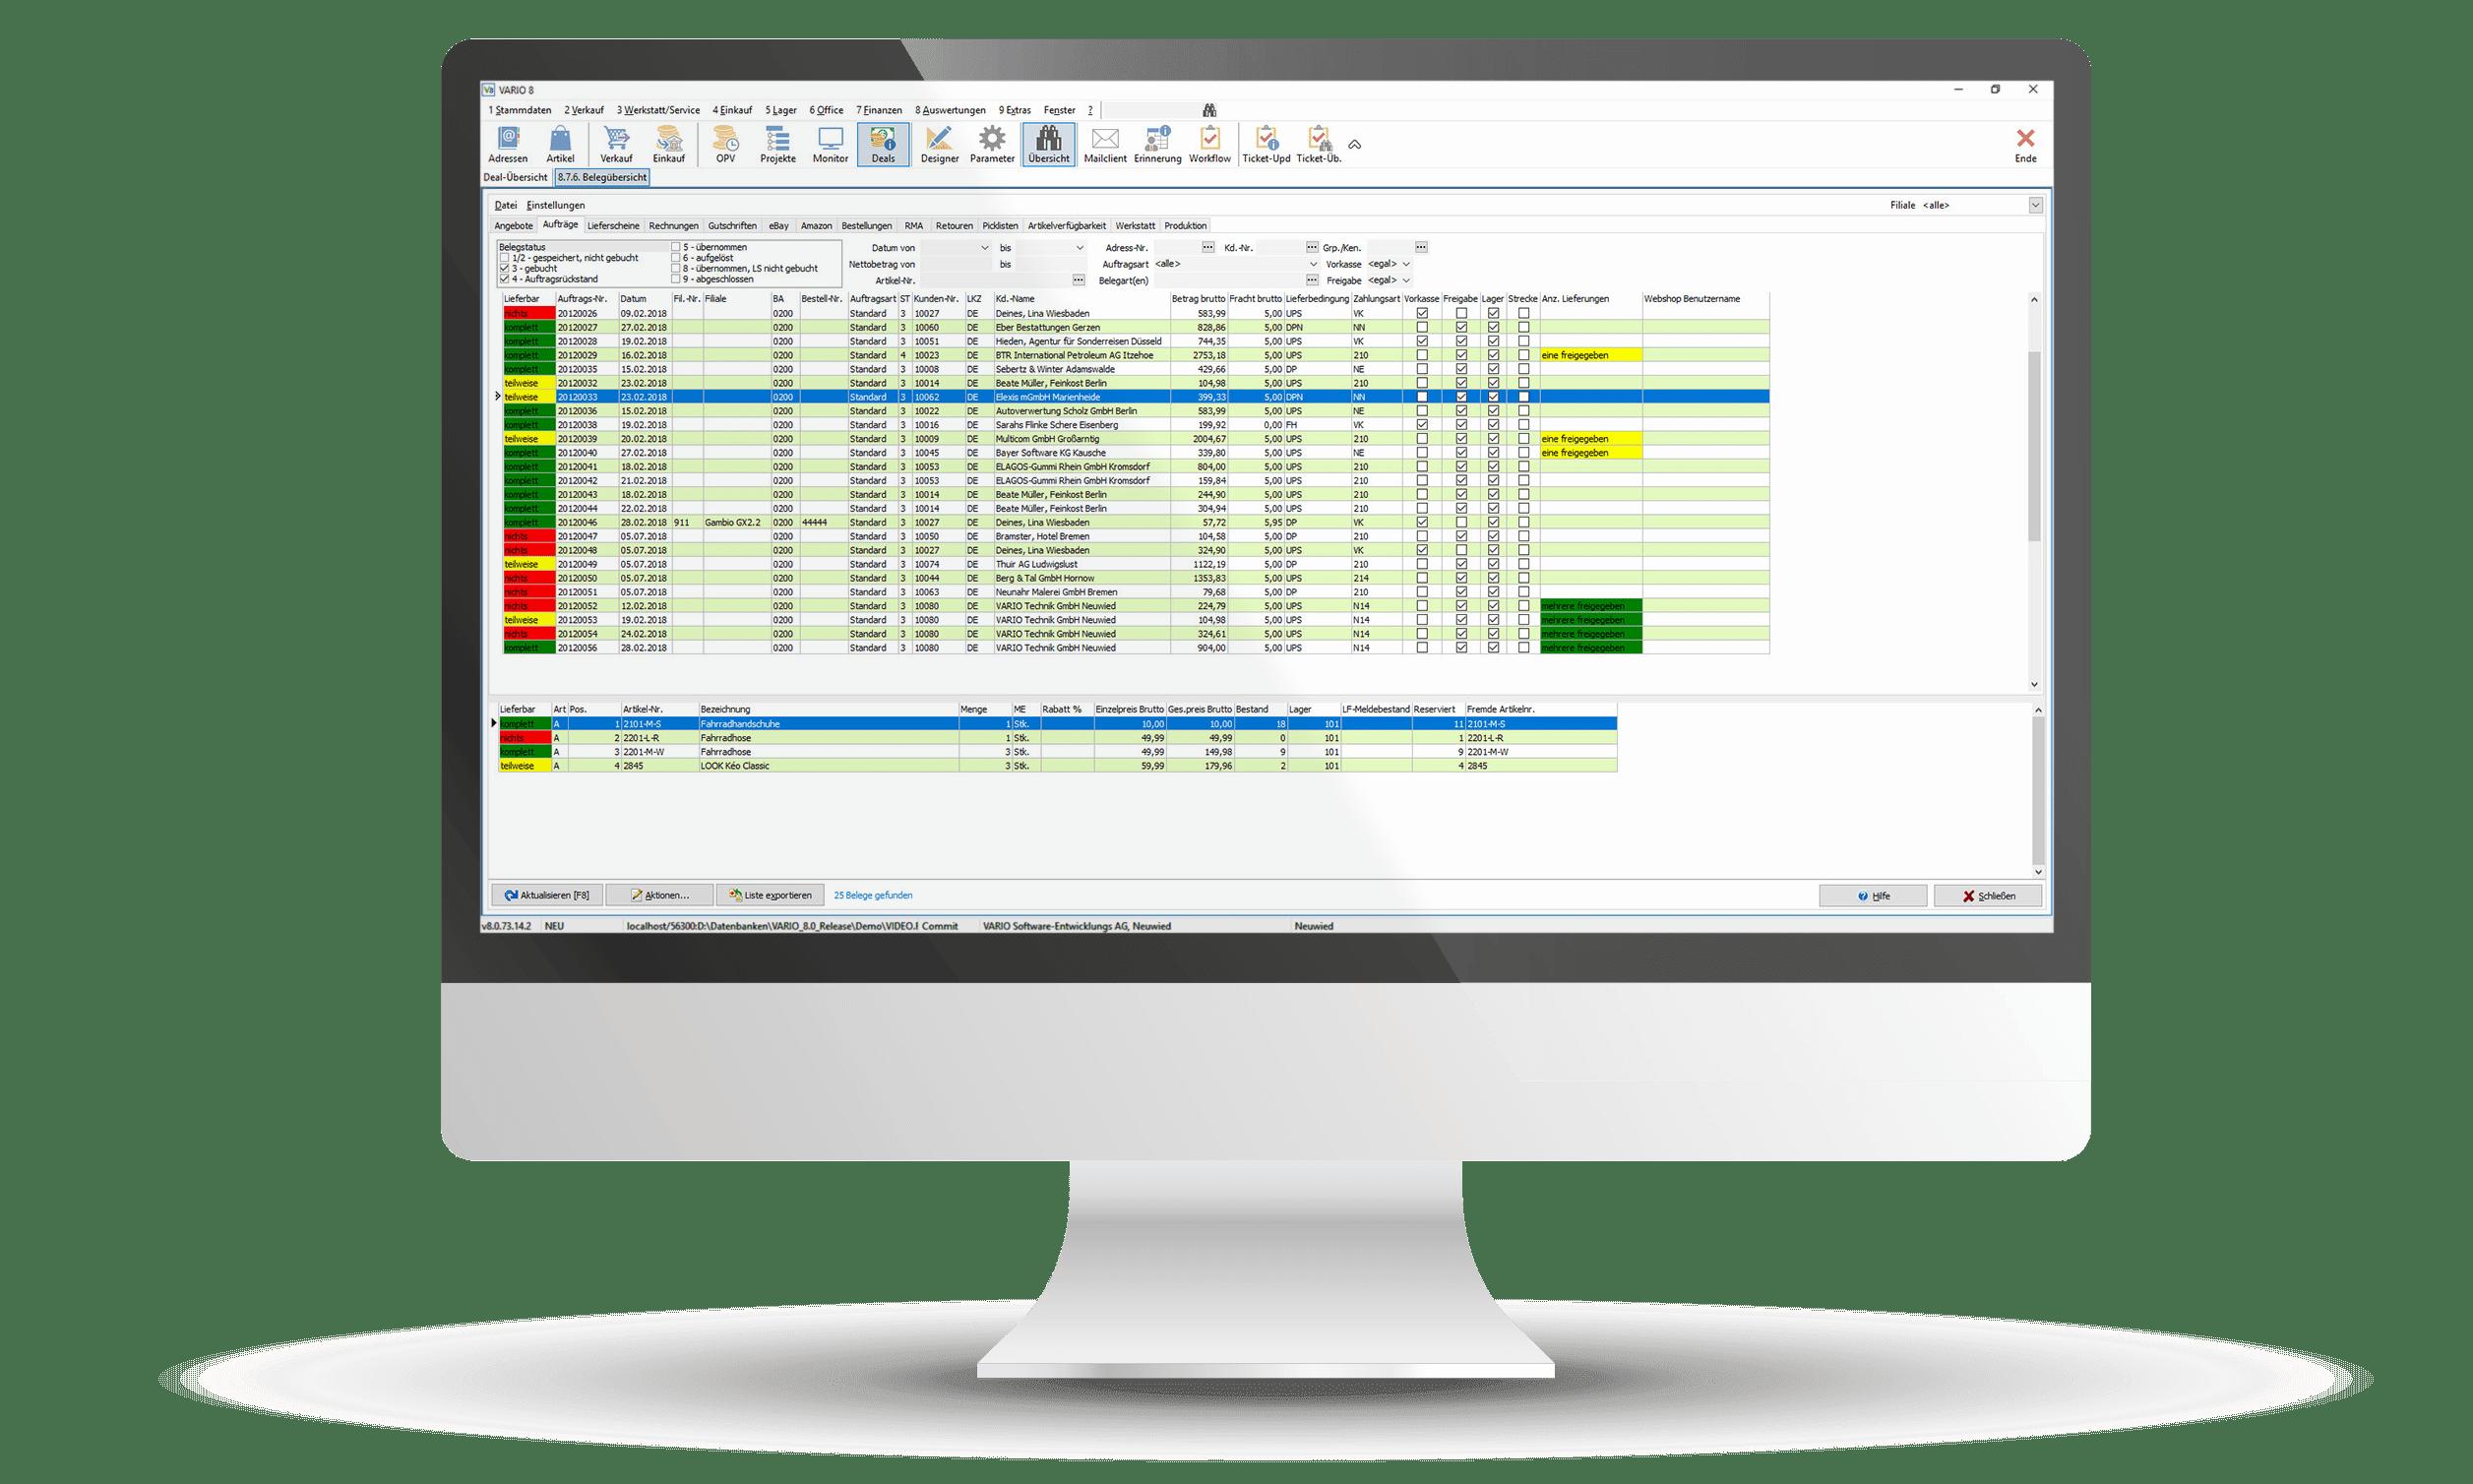 Interface der Belegverwaltung in der VARIO Warenwirtschaft